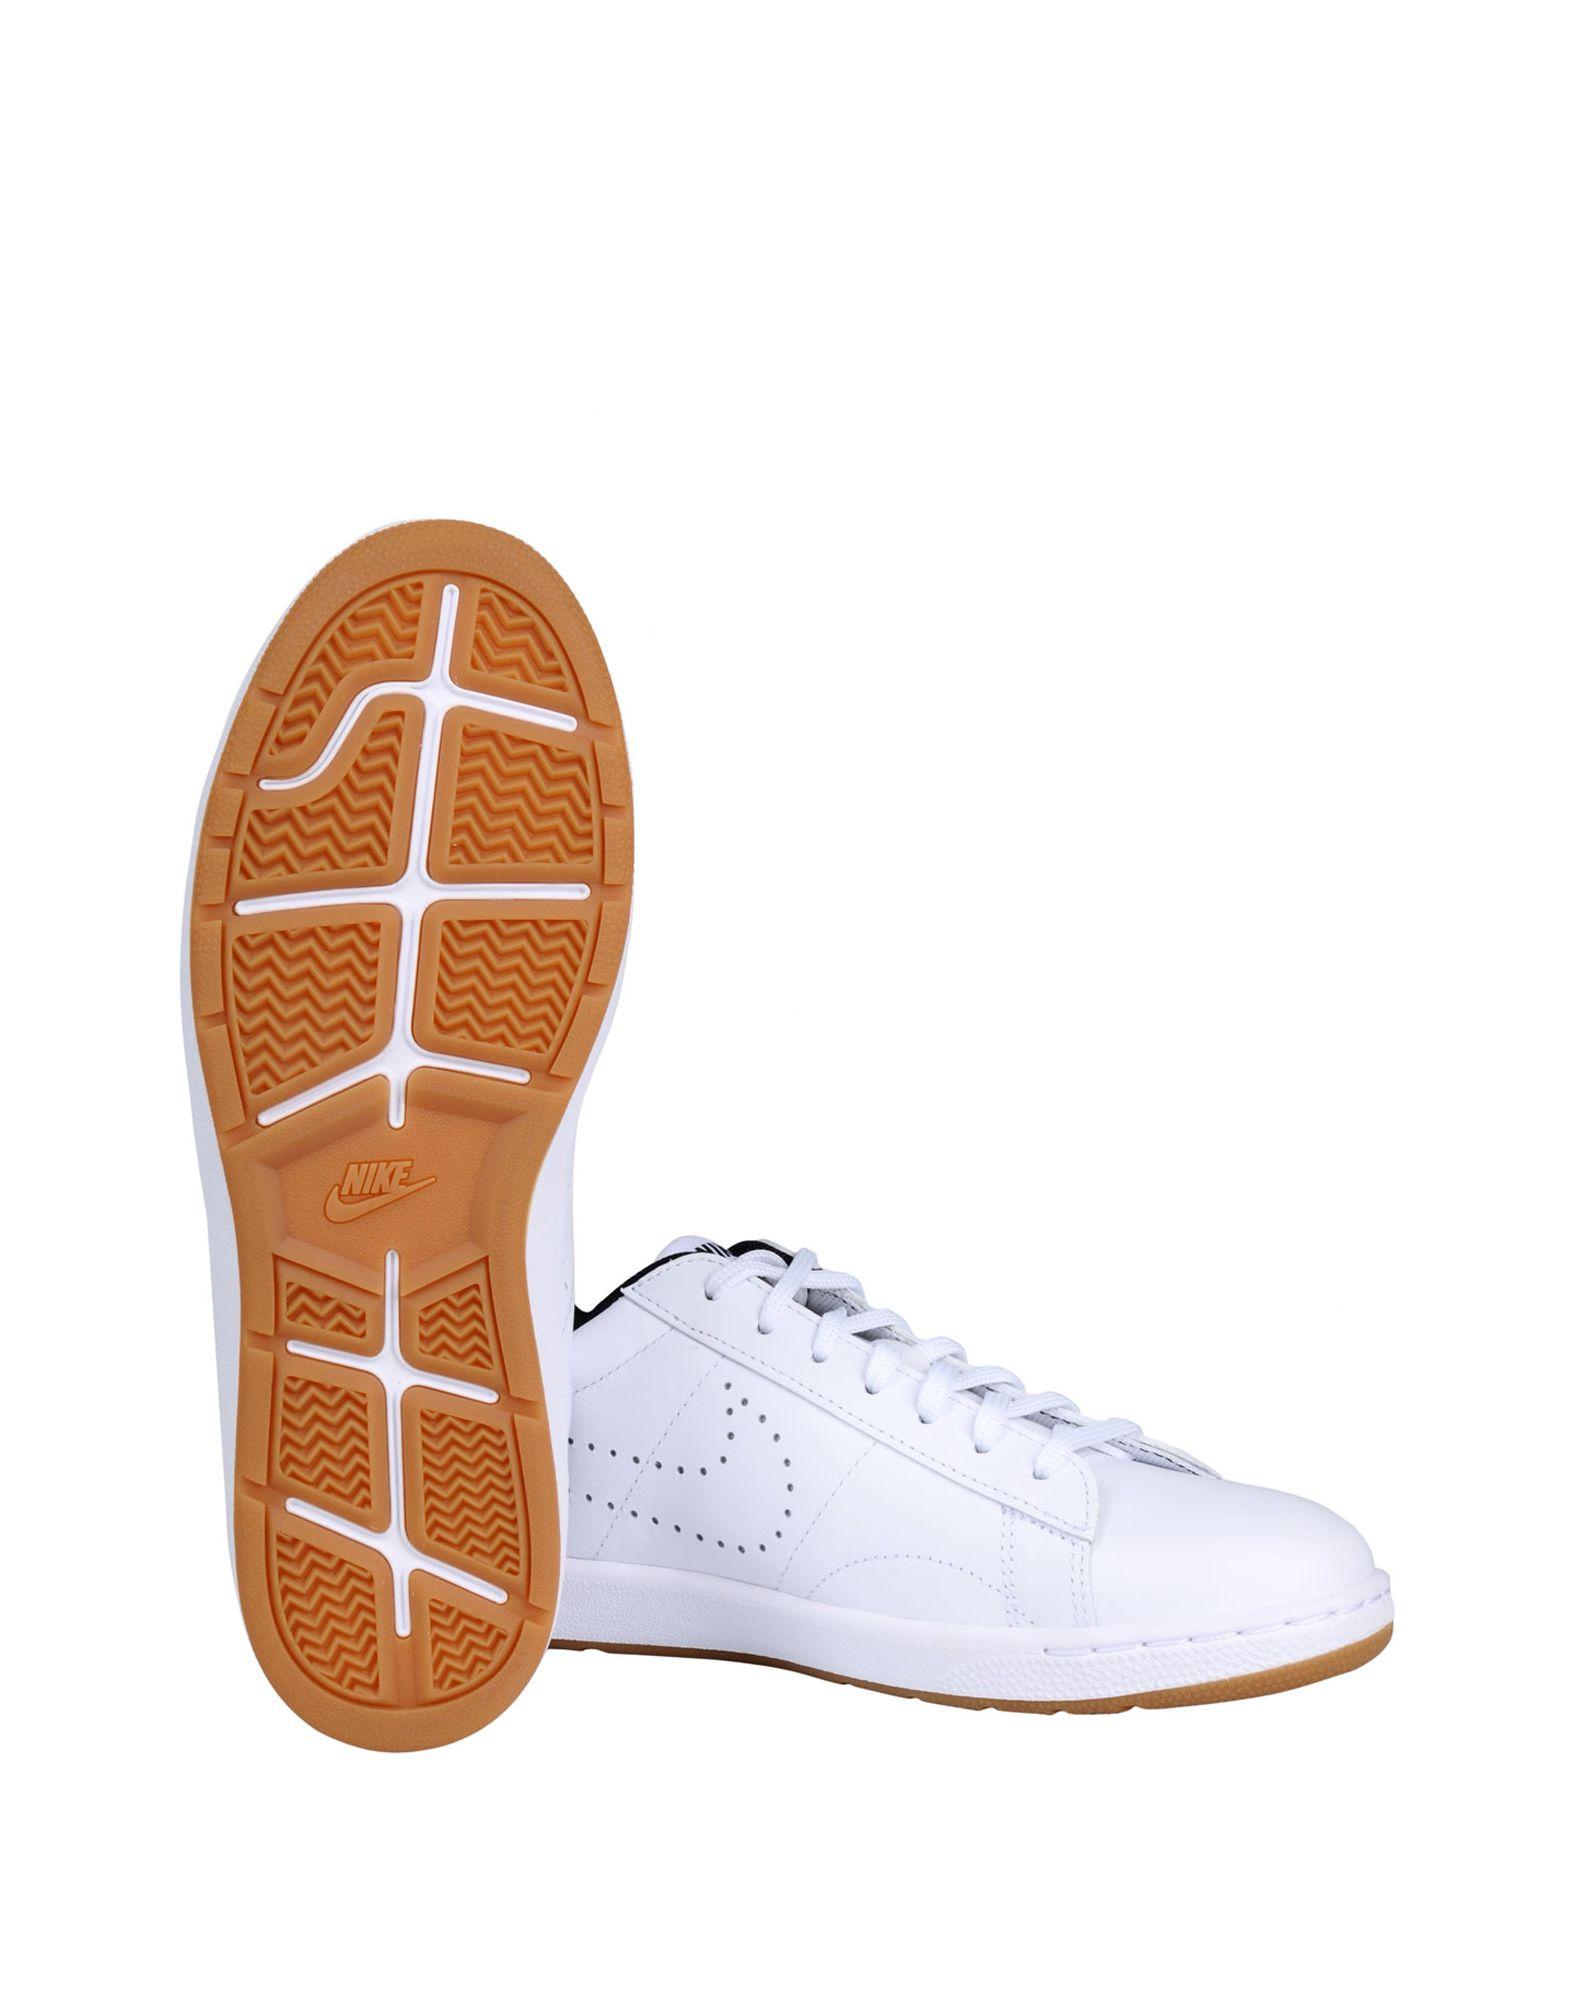 Nike W Tennis lohnt Classic Ultra Lthr Gutes Preis-Leistungs-Verhältnis, es lohnt Tennis sich 3775 3c2bbc